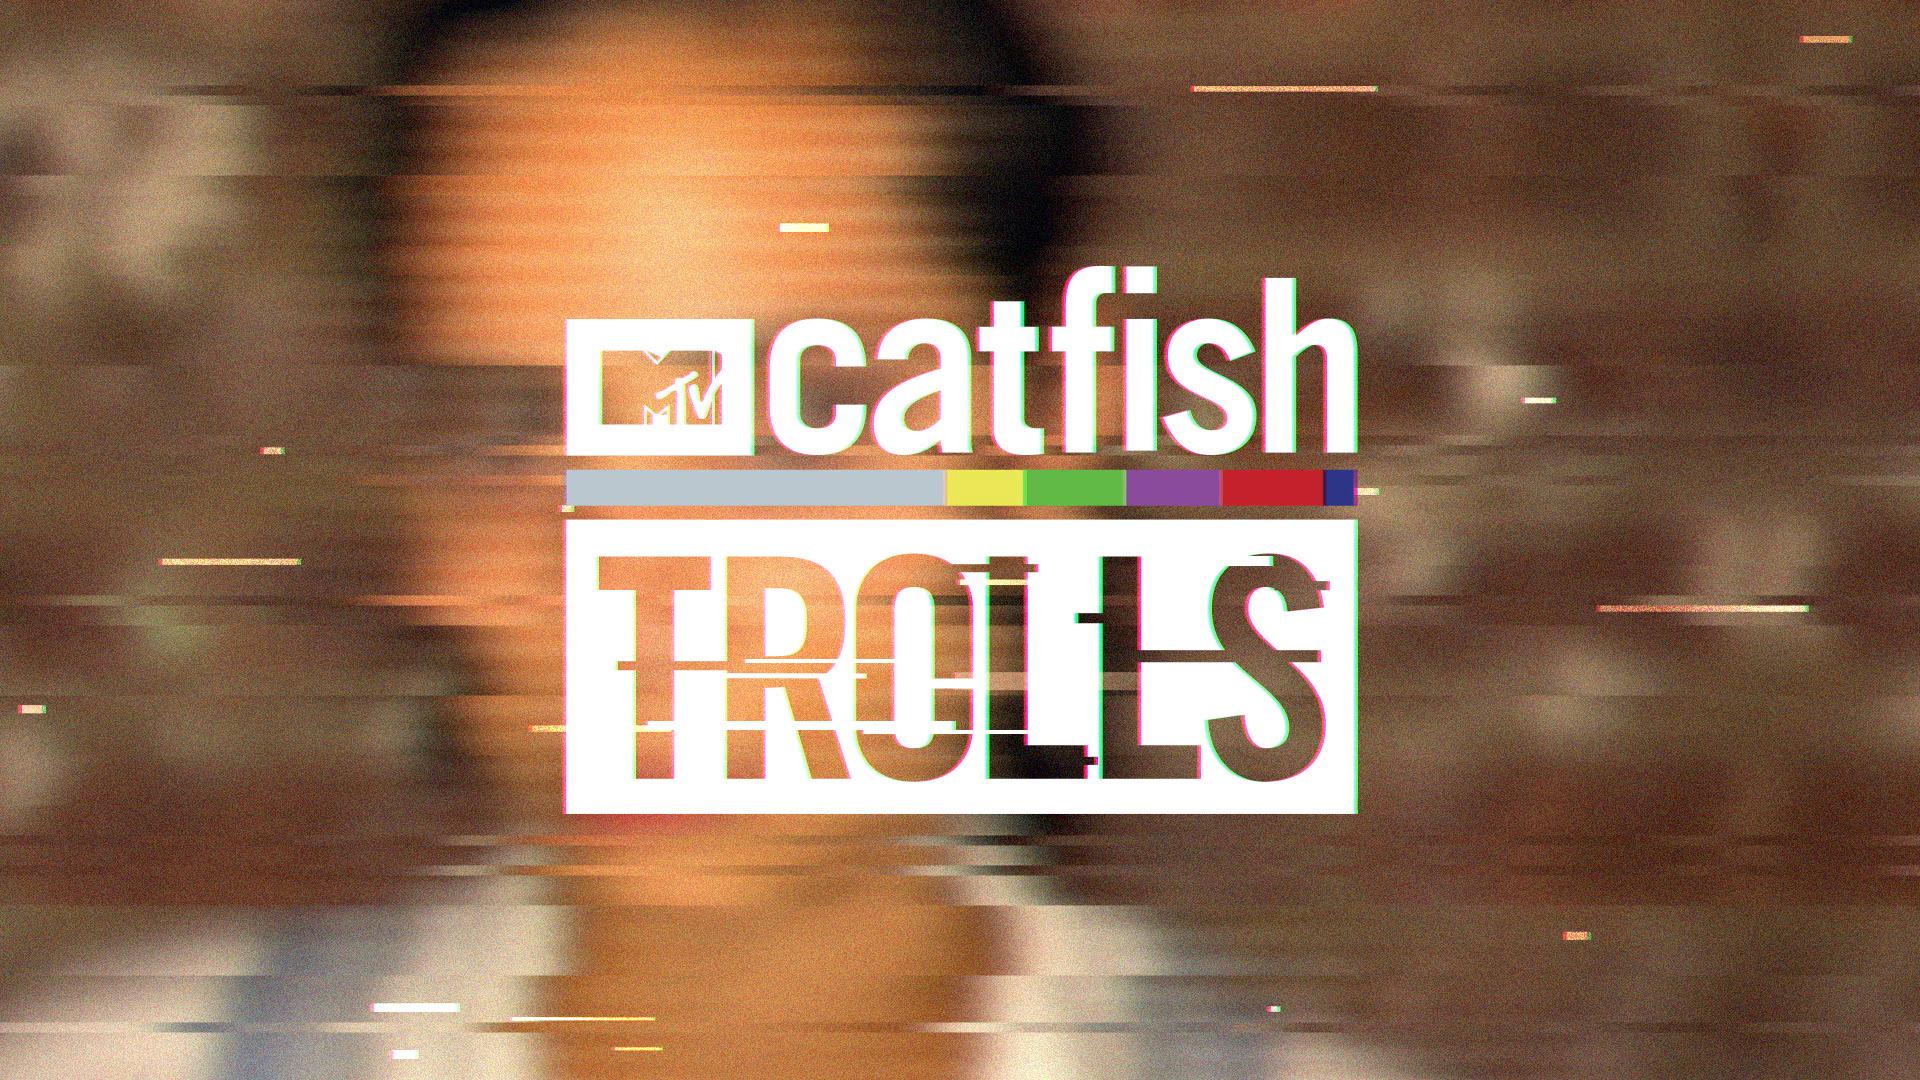 Larisa-Martin_MTV-Catfish-Trolls_05.jpg